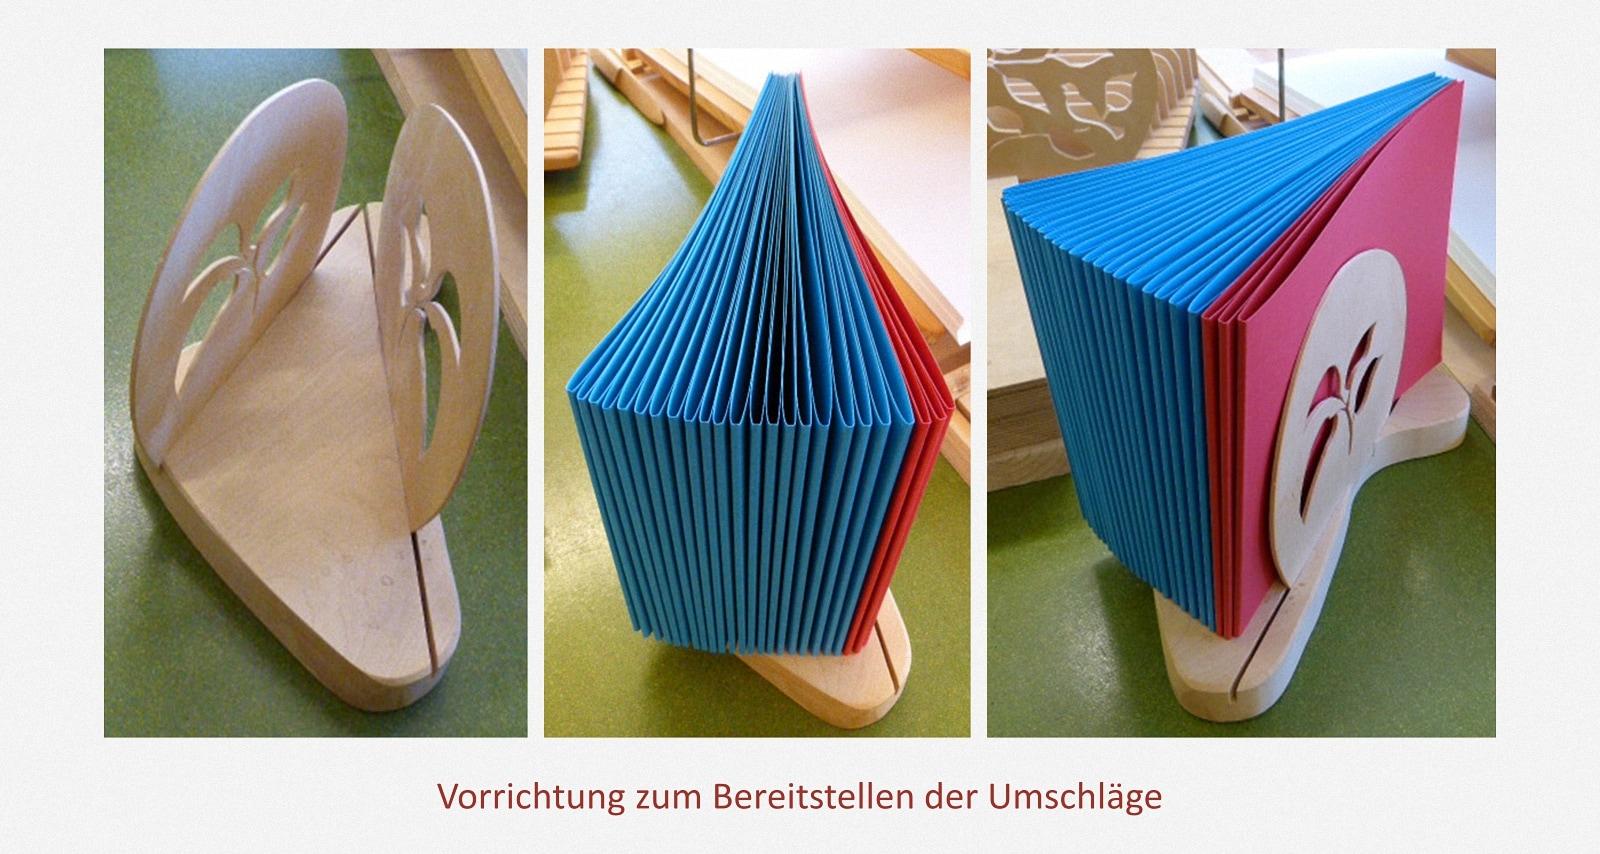 Zähl- & Sortierhilfen Karl-Schubert-Werkstätten – Filderstadt Papierwerkstatt Entwickler: Hans Martin Nüssle